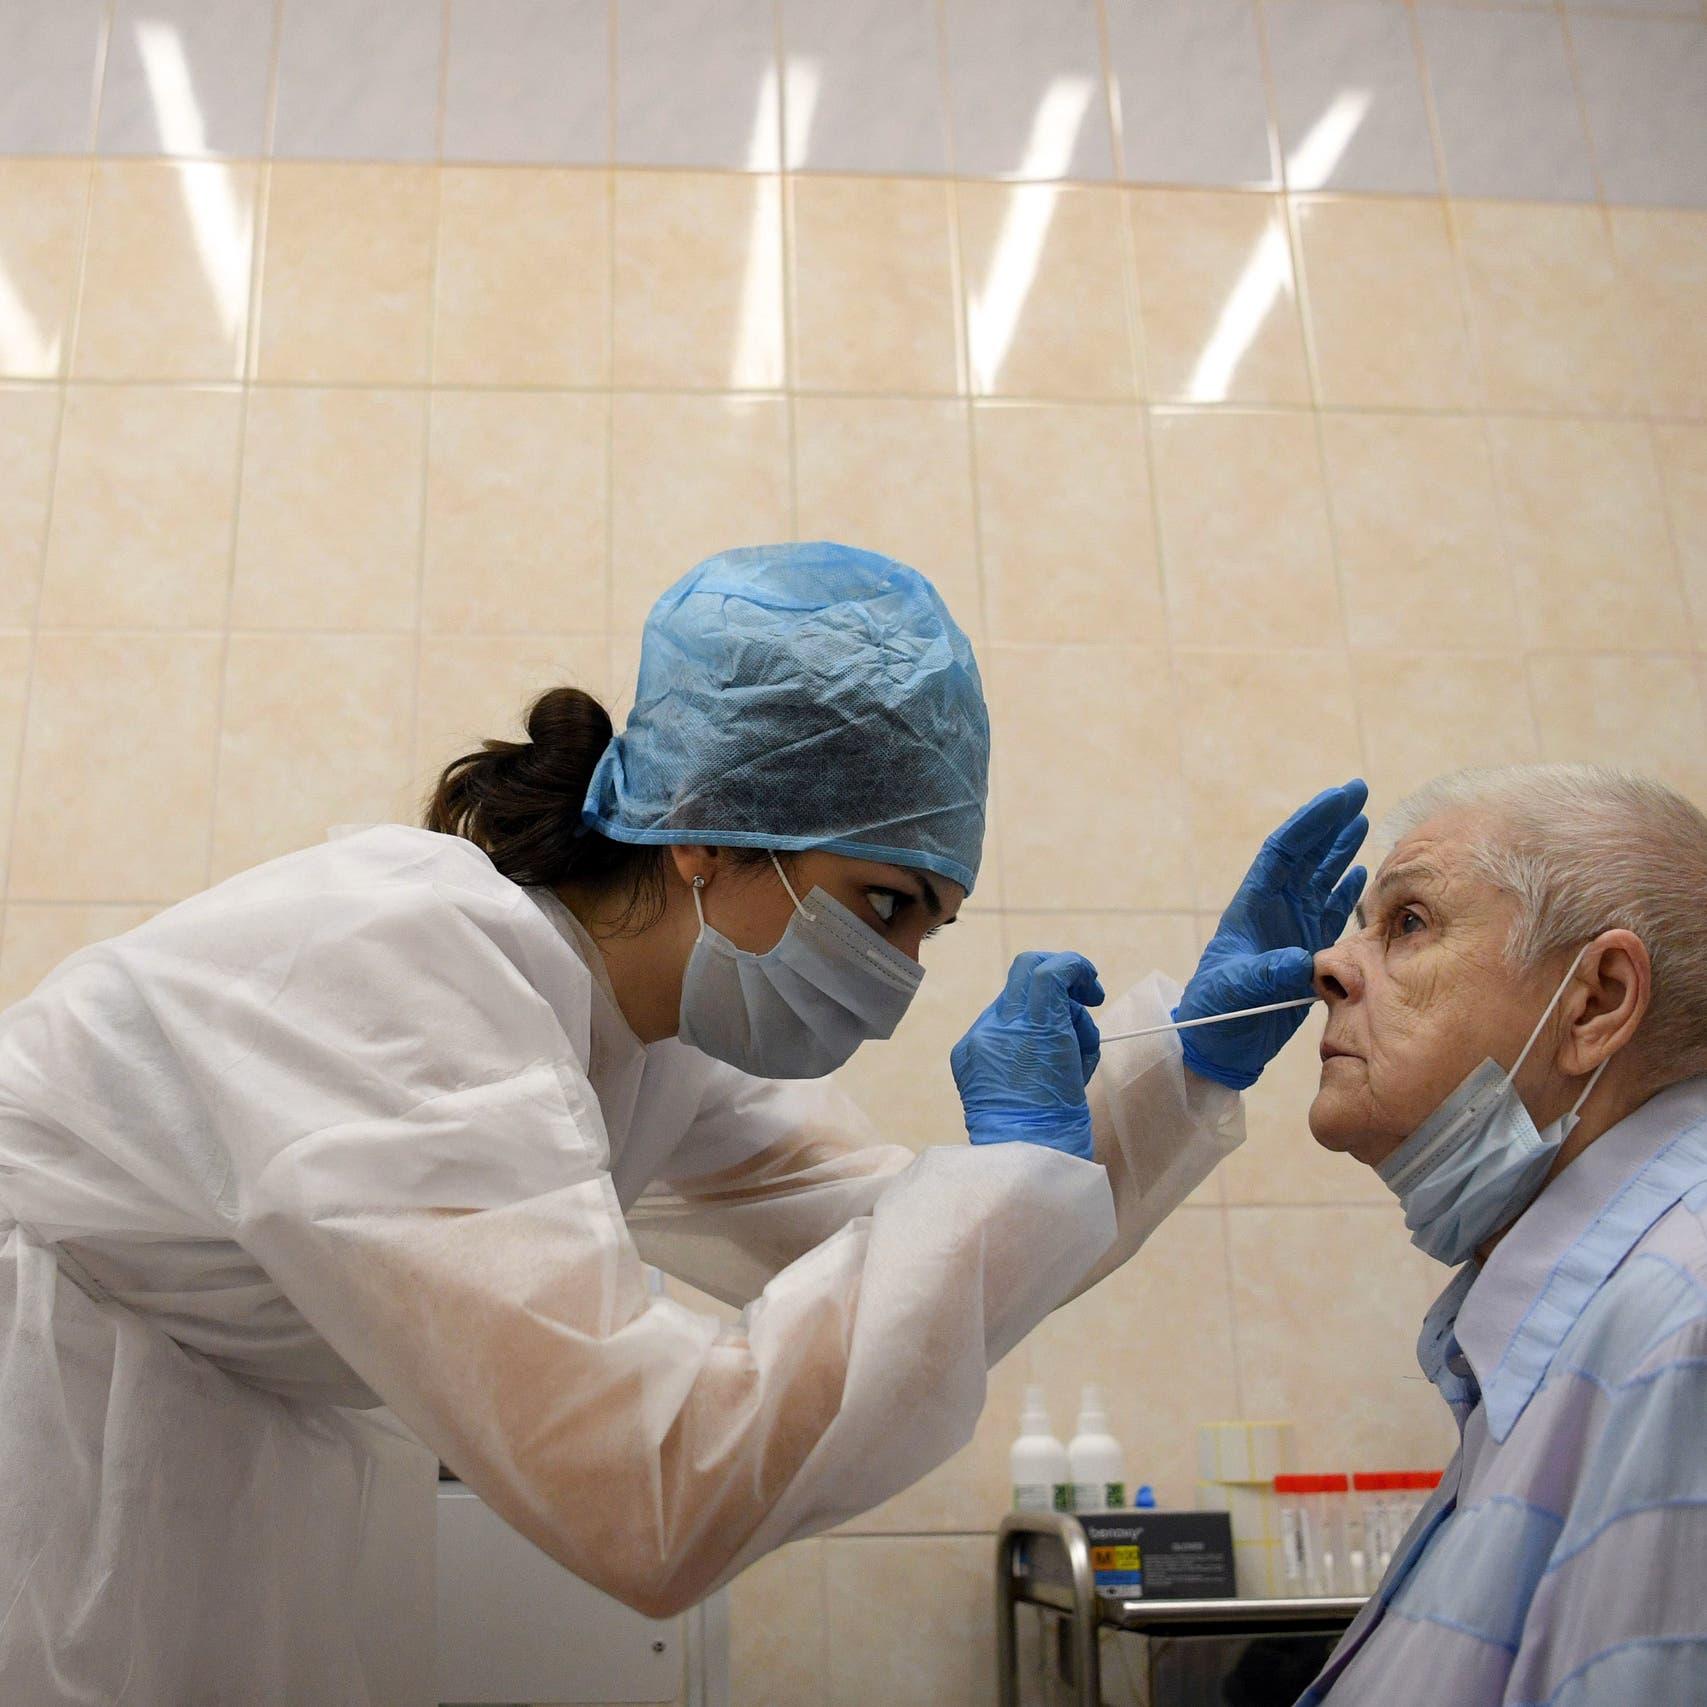 الإصابات بكورونا حول العالم تتجاوز 15 مليوناً